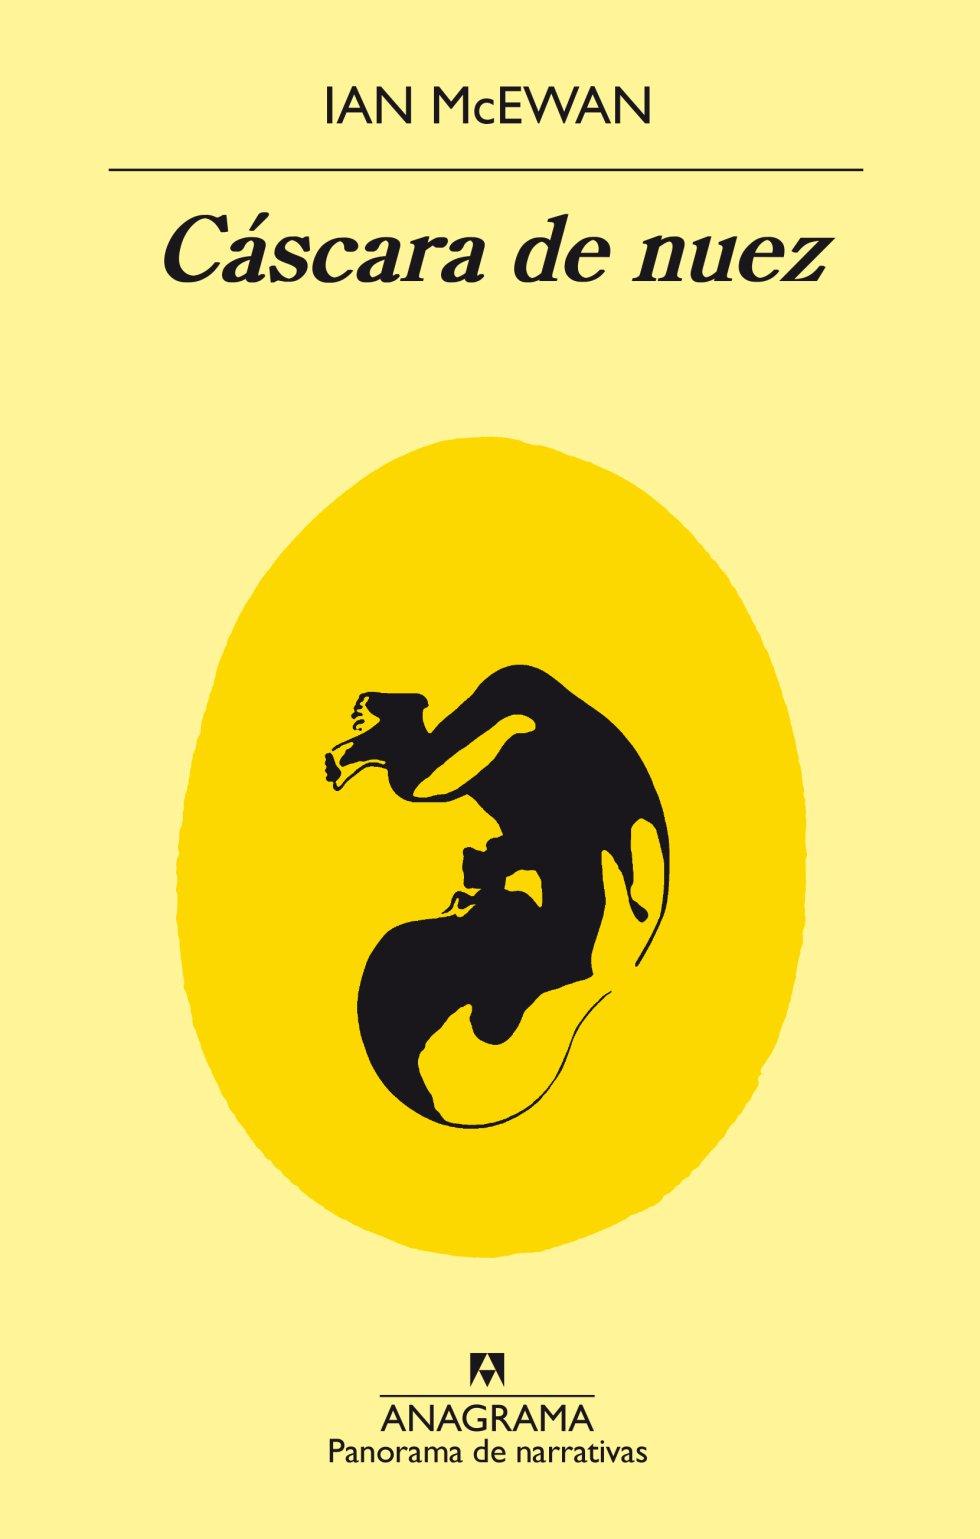 CÁSCARA DE NUEZ (Anagrama). Ian McEwan. Traducción de Jaime Zulaika. El narrador de esta novela —traducida por Jaime Zulaika— es un feto que desde el útero de su madre oye cómo esta y su amante planean asesinar a su padre. Si alguien es capaz de poner en pie una historia semejante —los dos hombres en litigio son además hermanos—, ese es Ian McEwan, enorme creador de personajes y experto en plantear dilemas morales sin ponerse solemne y sin perder la sonrisa.